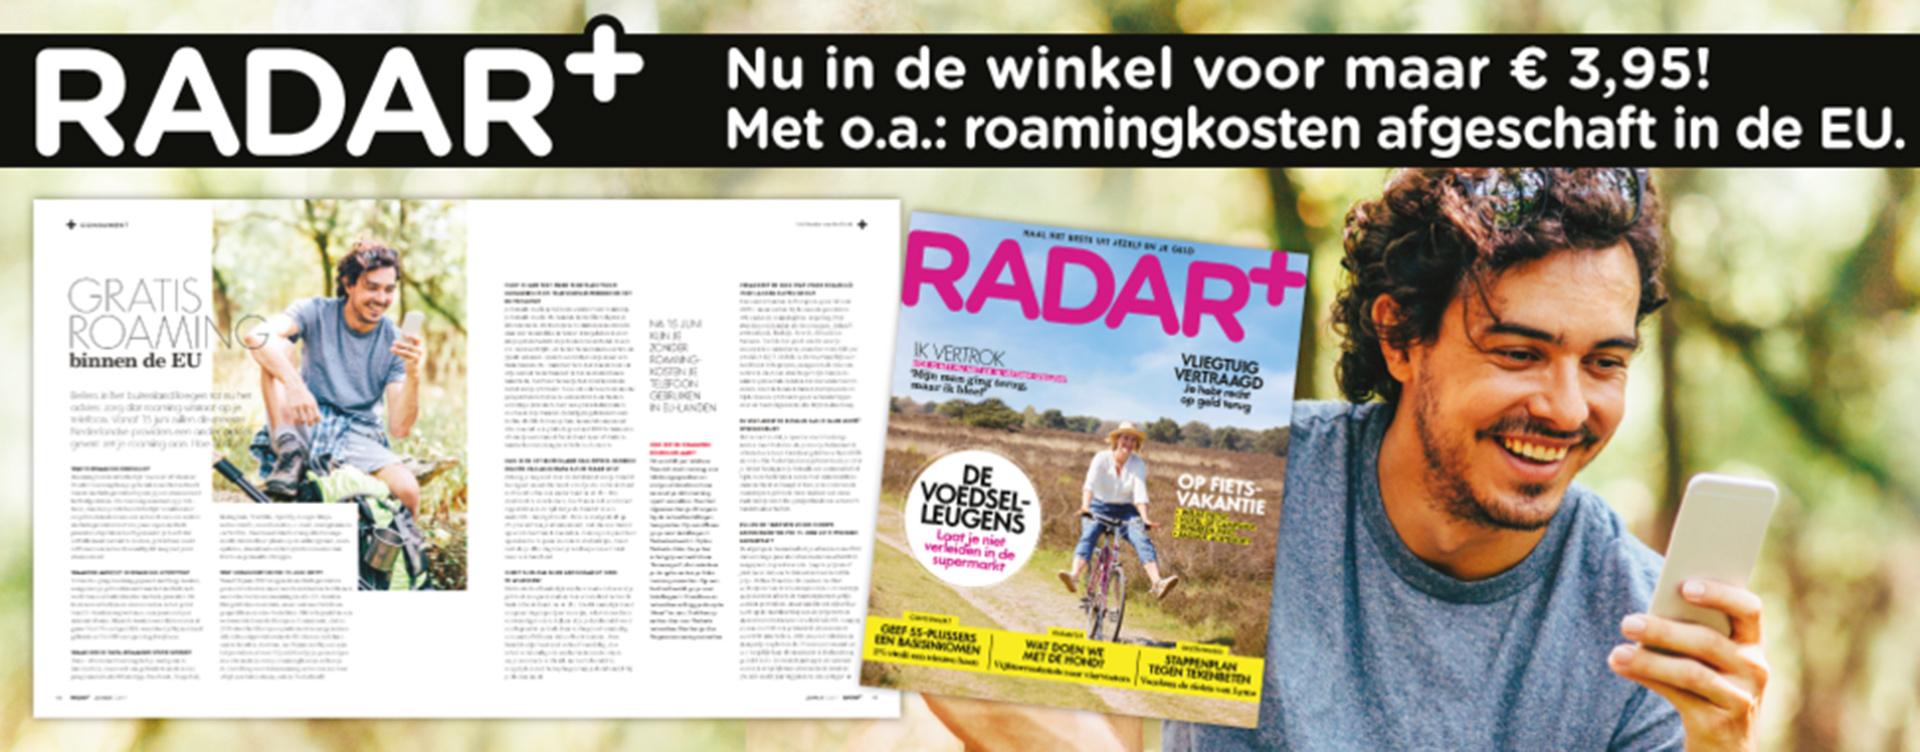 radar-gratis-roaming1920